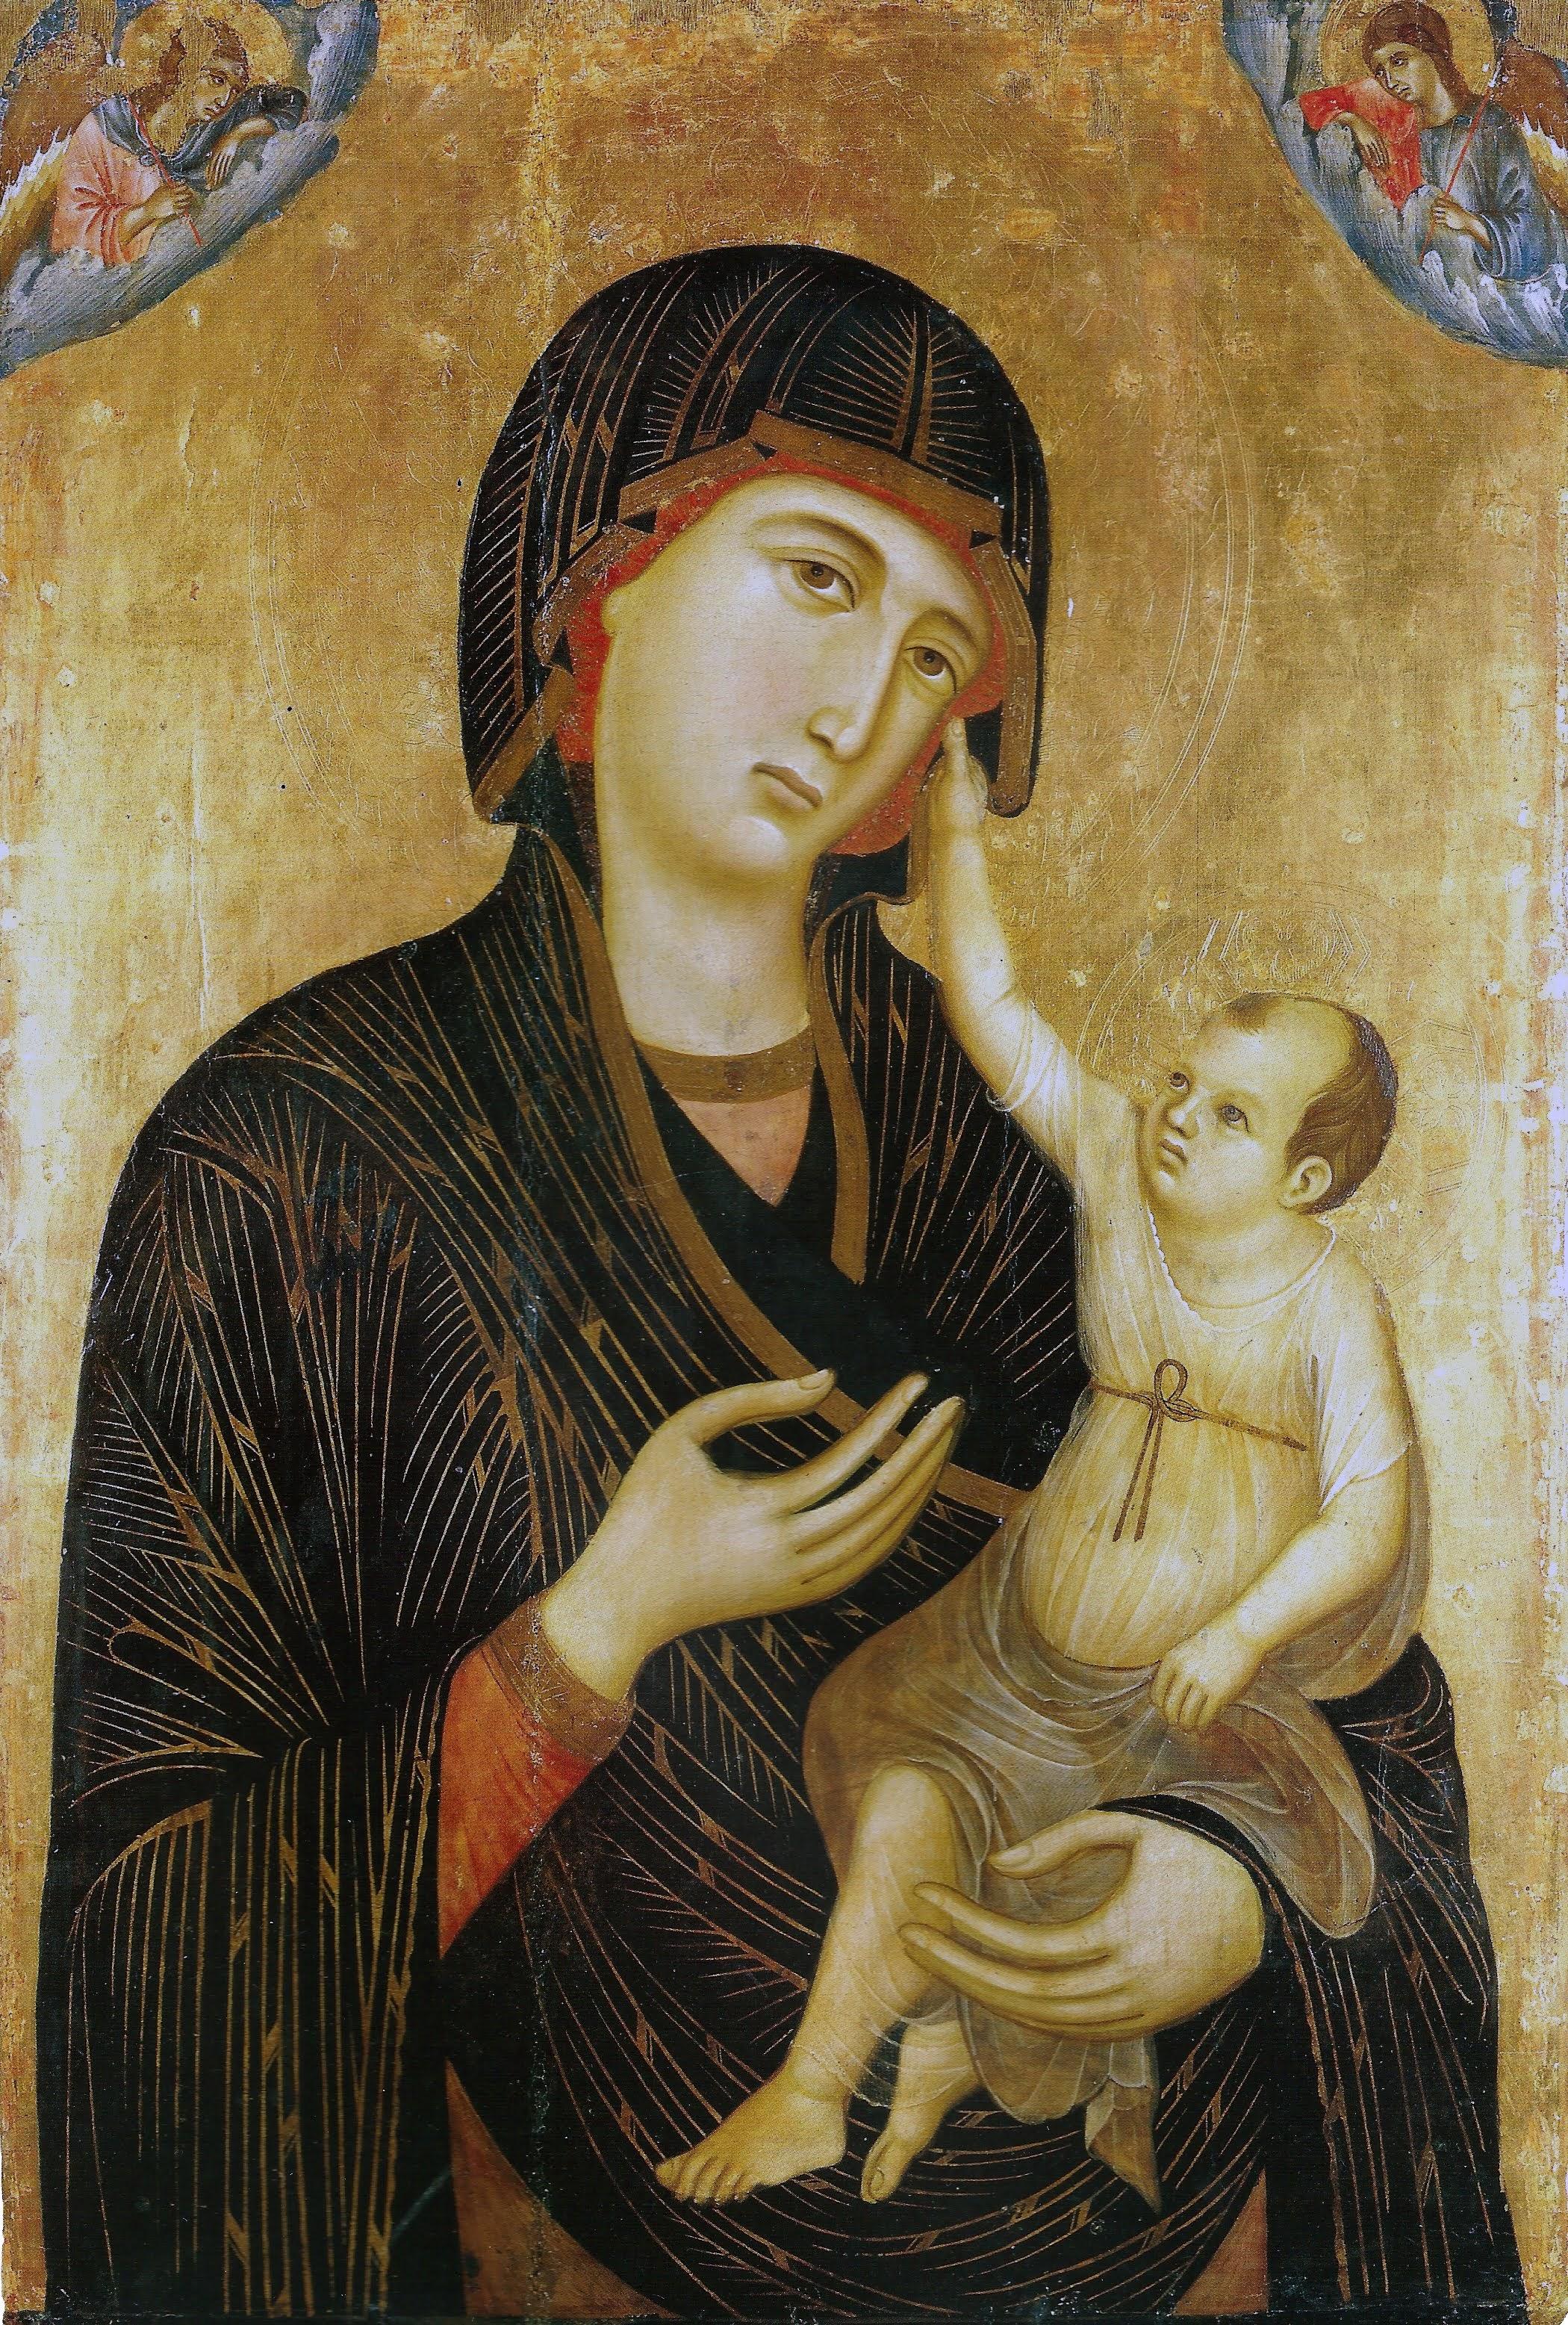 Duccio di Buoninsegna, Madonna di Crevole, 1283-1284[3], Siena, Museo dell'Opera della Metropolitana